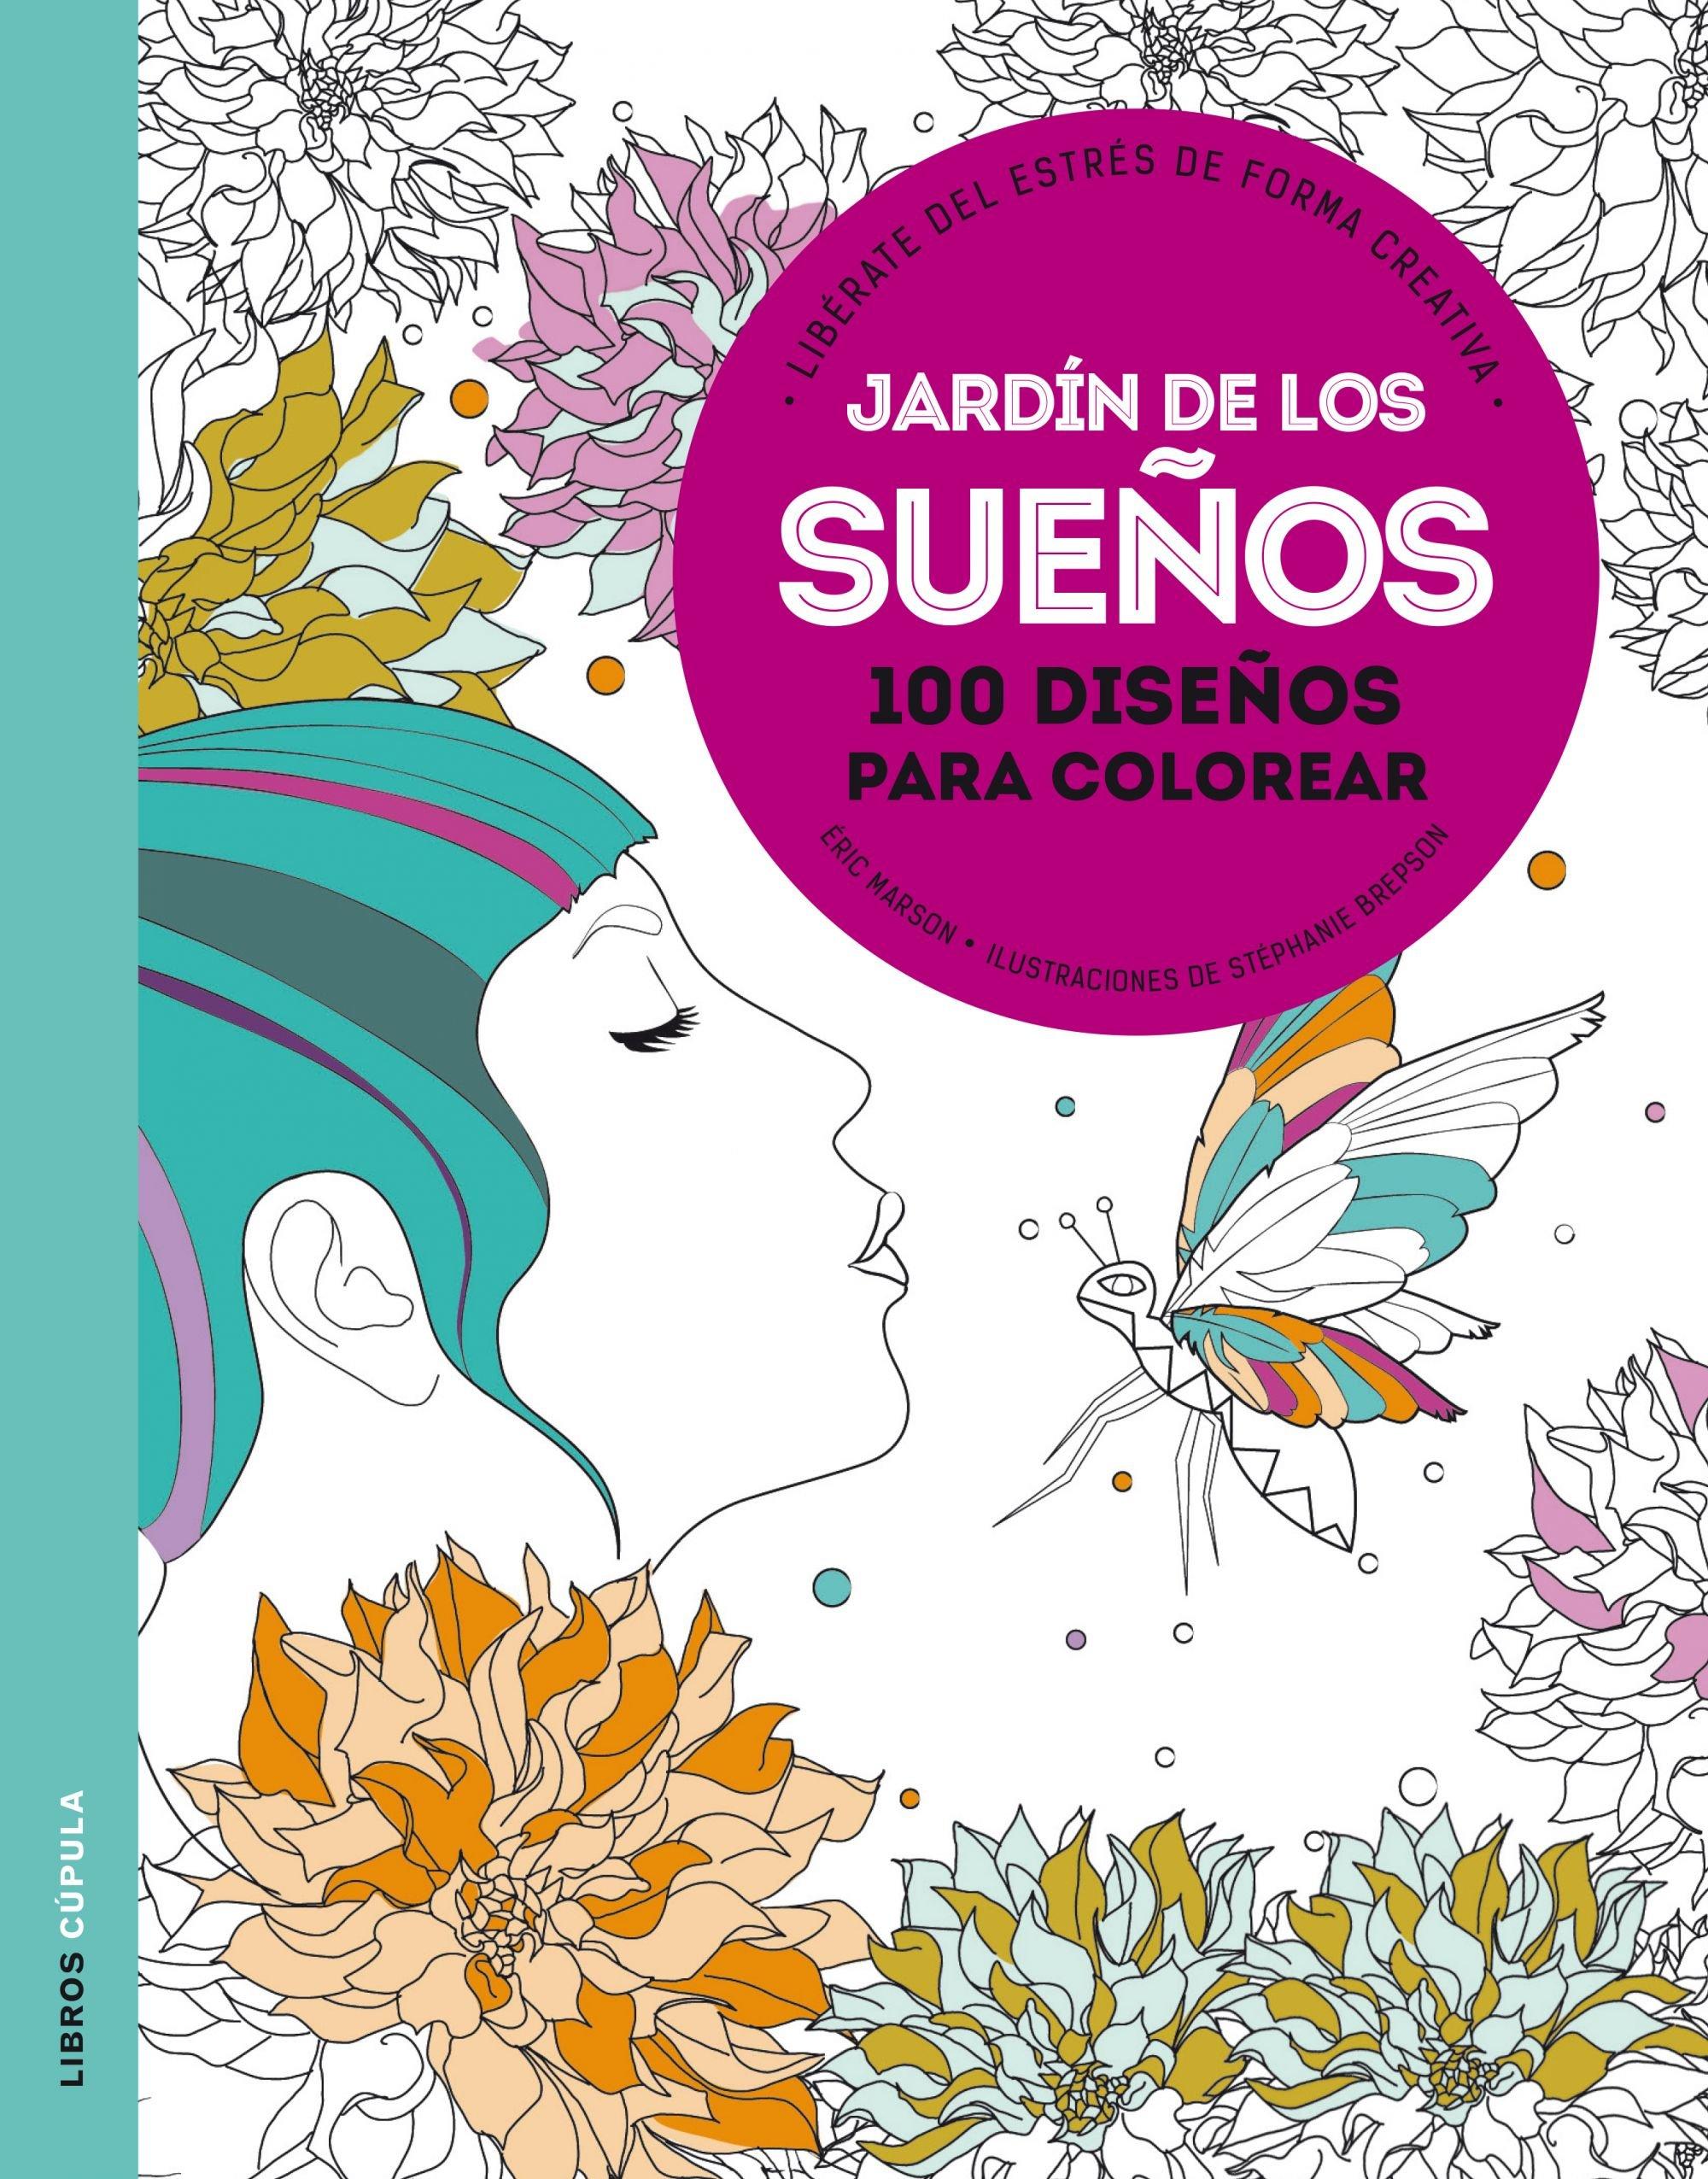 Jardín de los sueños: Libérate del estrés de forma creativa Hobbies: Amazon.es: Marson, Éric, AA. VV.: Libros